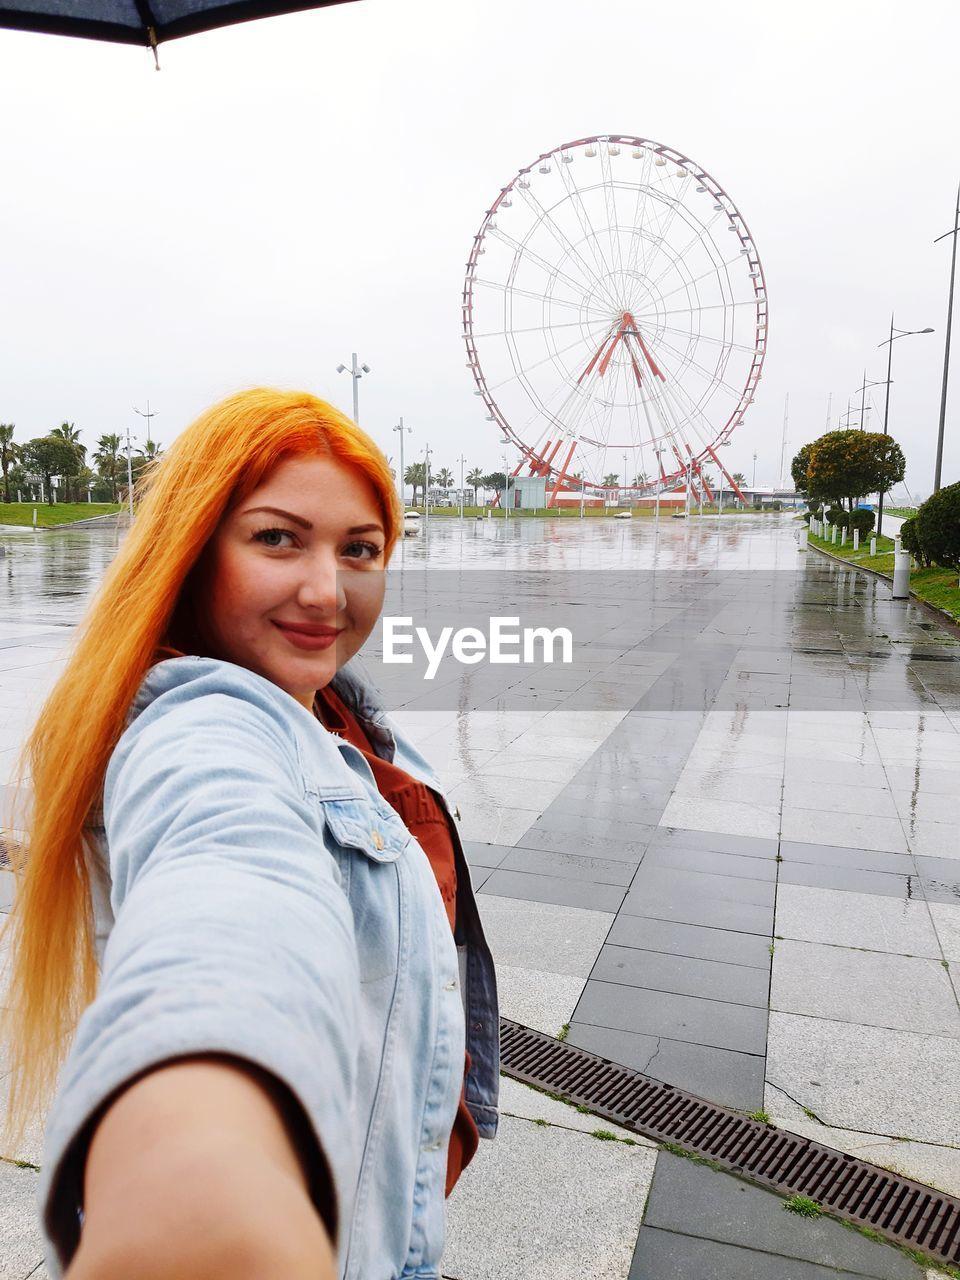 Portrait of smiling woman standing at amusement park